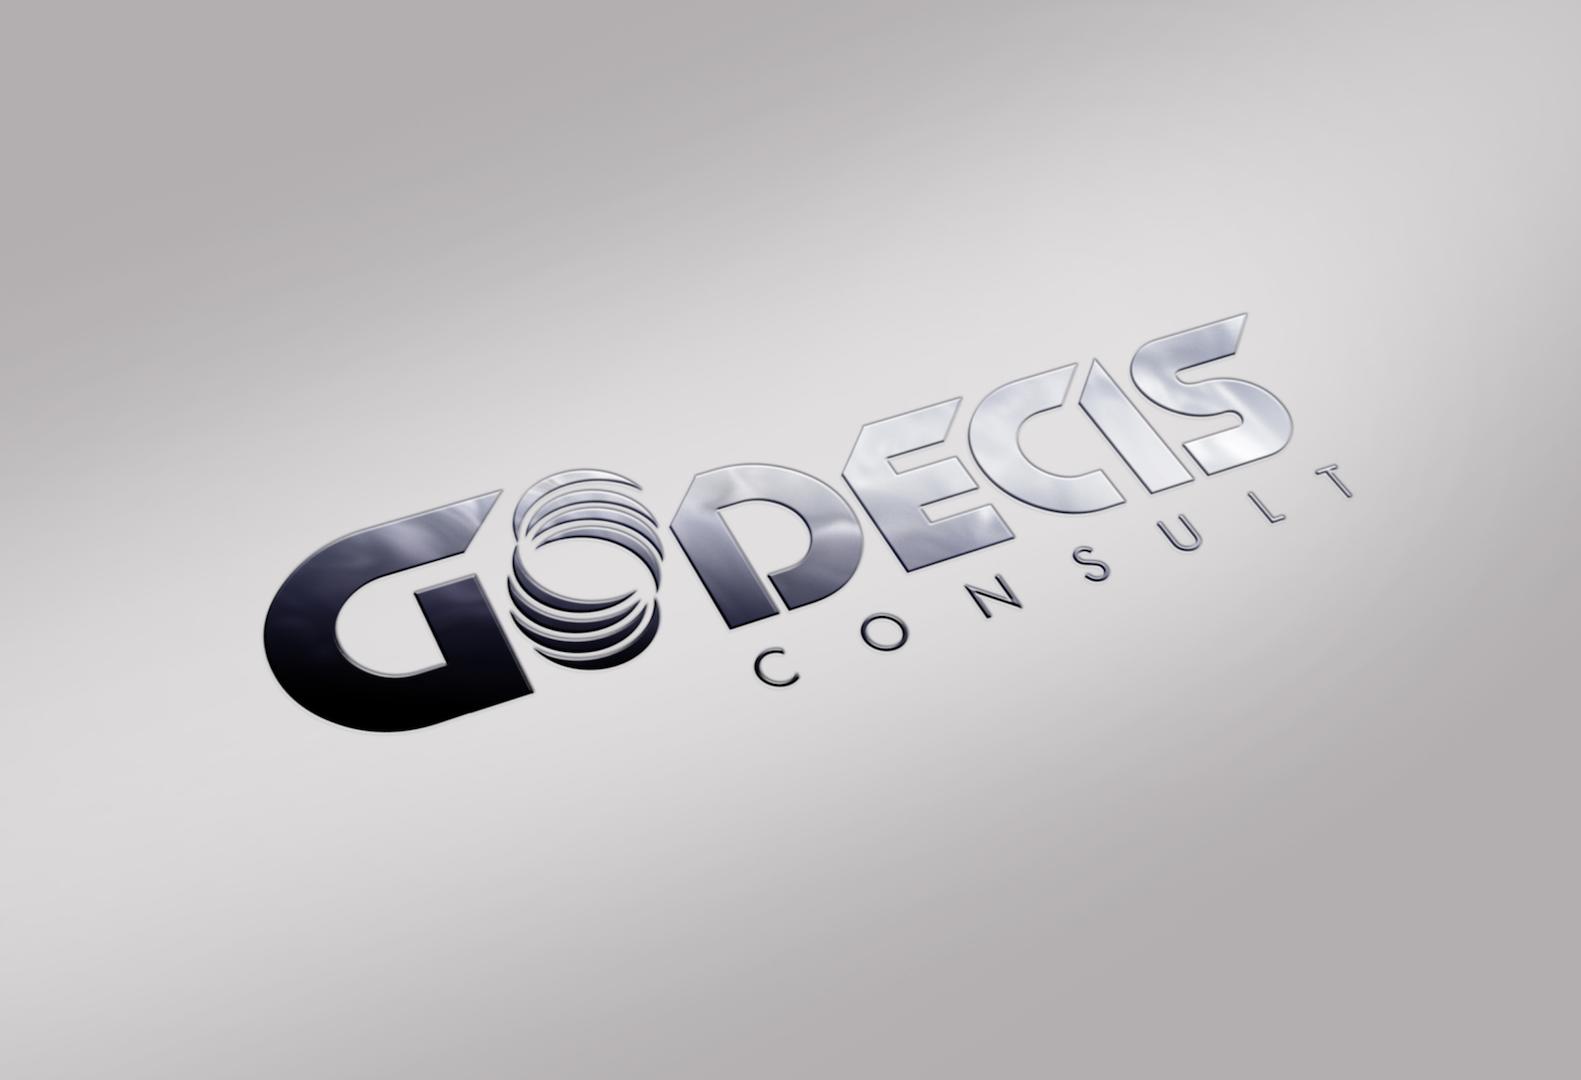 Logo Godecis